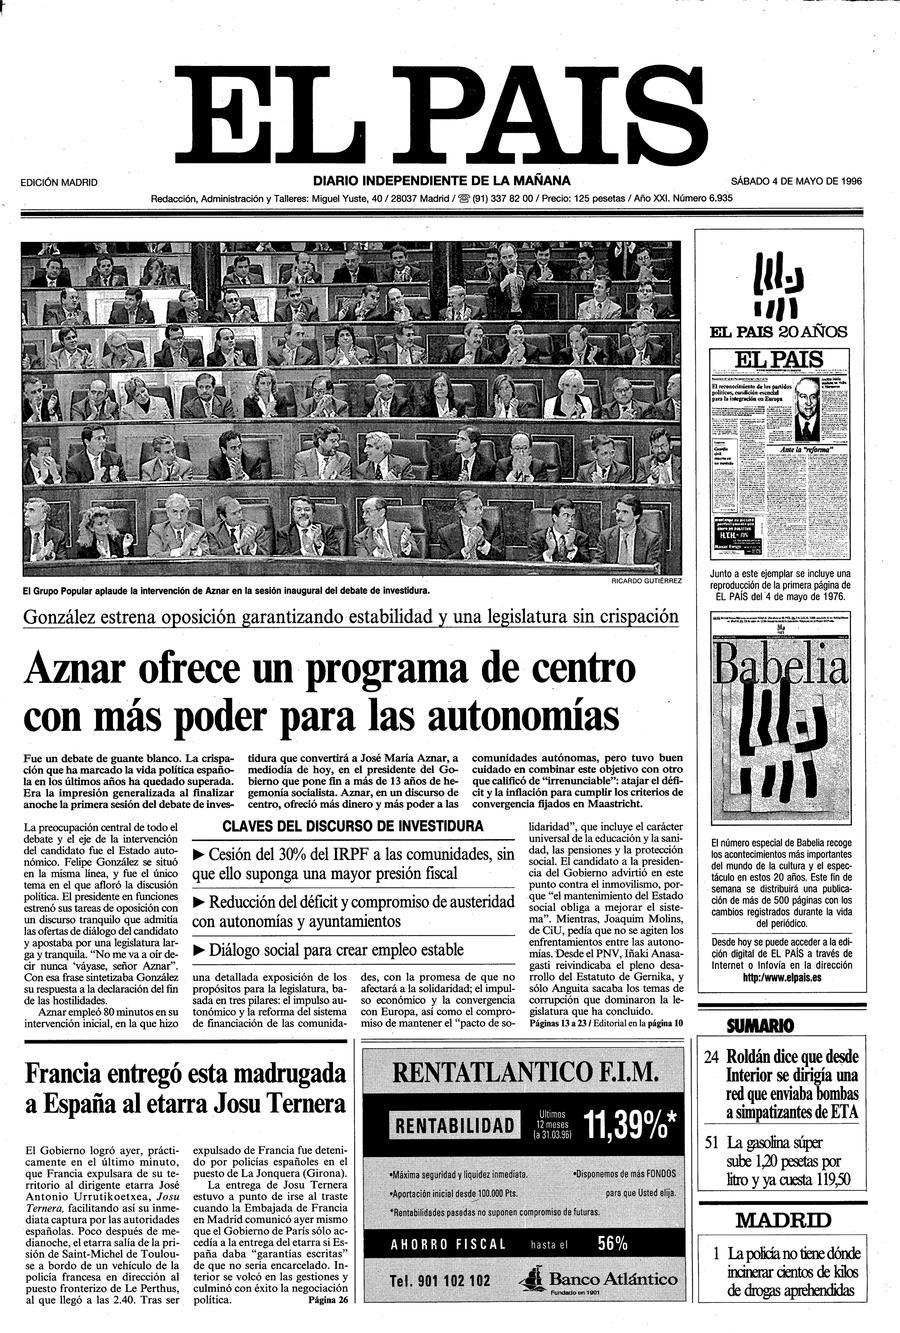 4 de Mayo de 1996